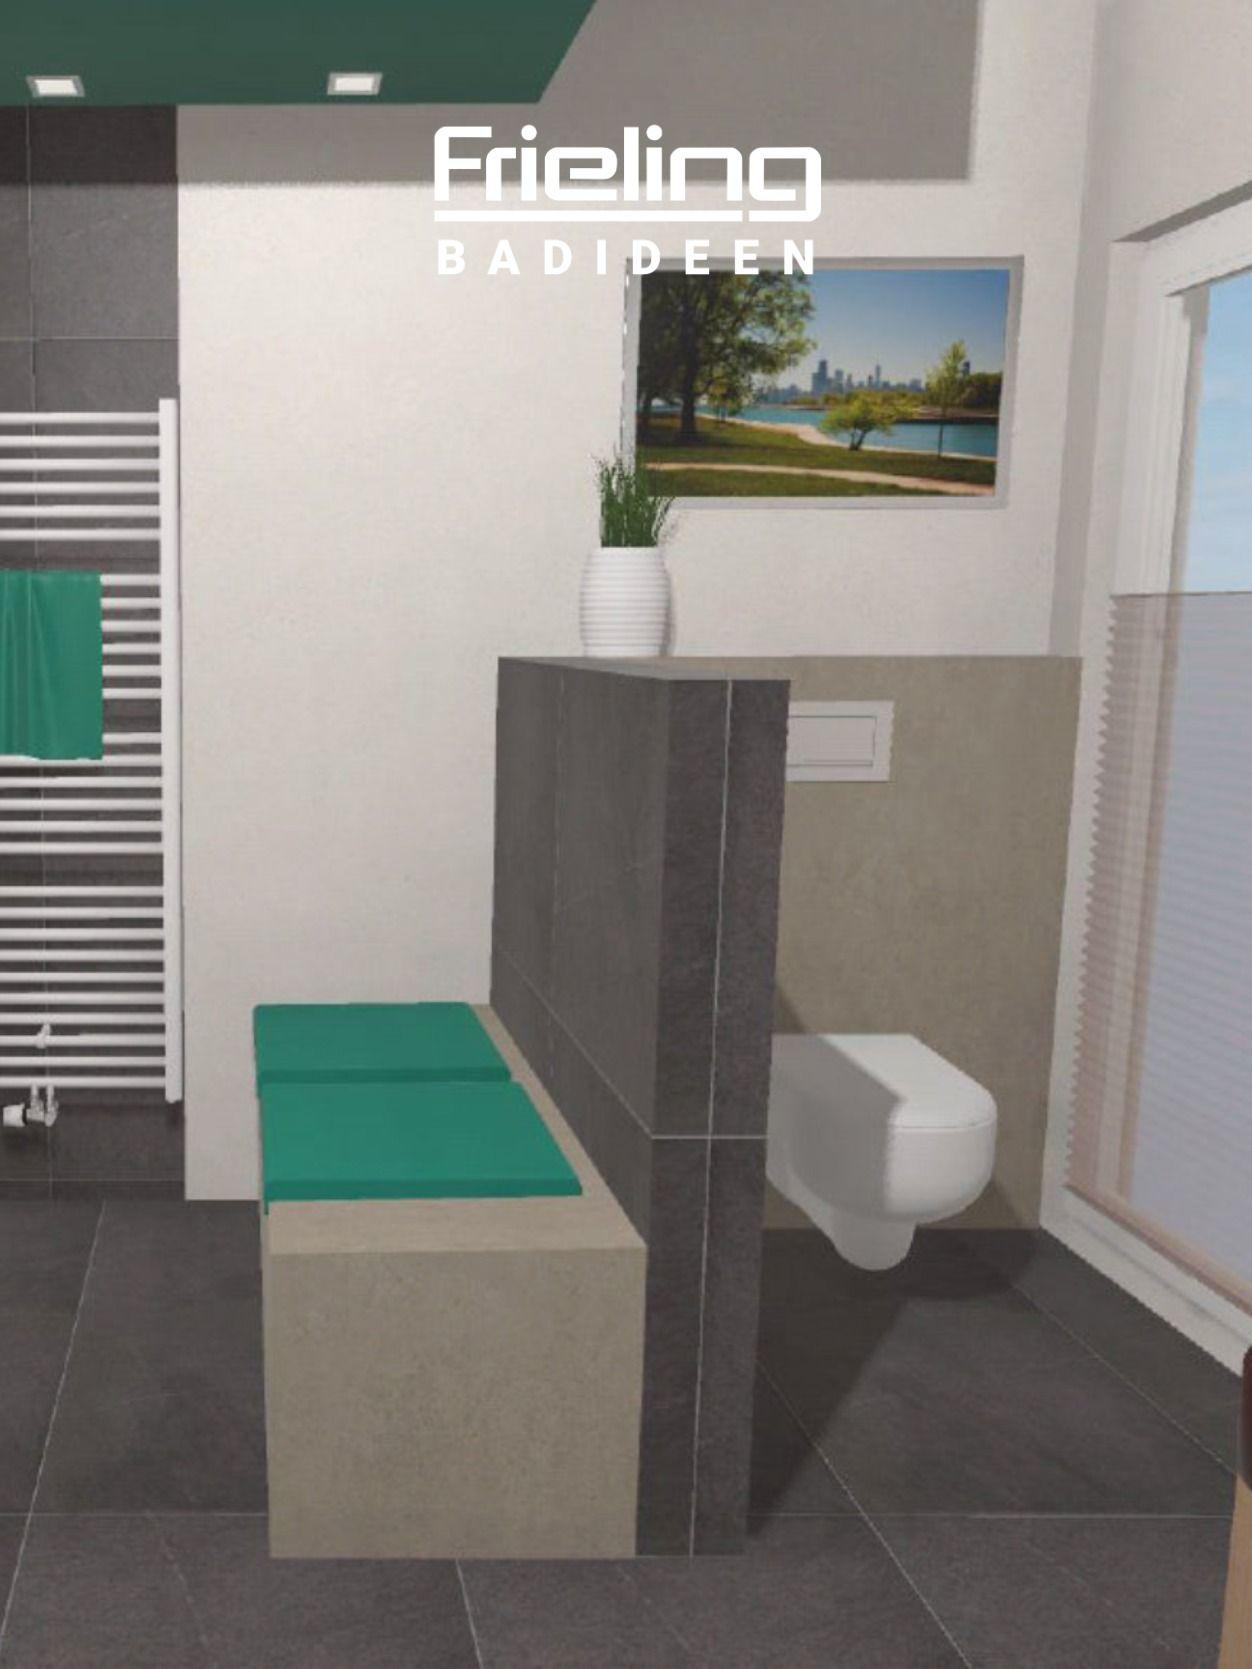 Das Wellness Bad Mit Whirlwanne Ansicht Wc Sitzbank Badheizkorper Badezimmer T Wand Sitzbank Bad Walk In Dusche